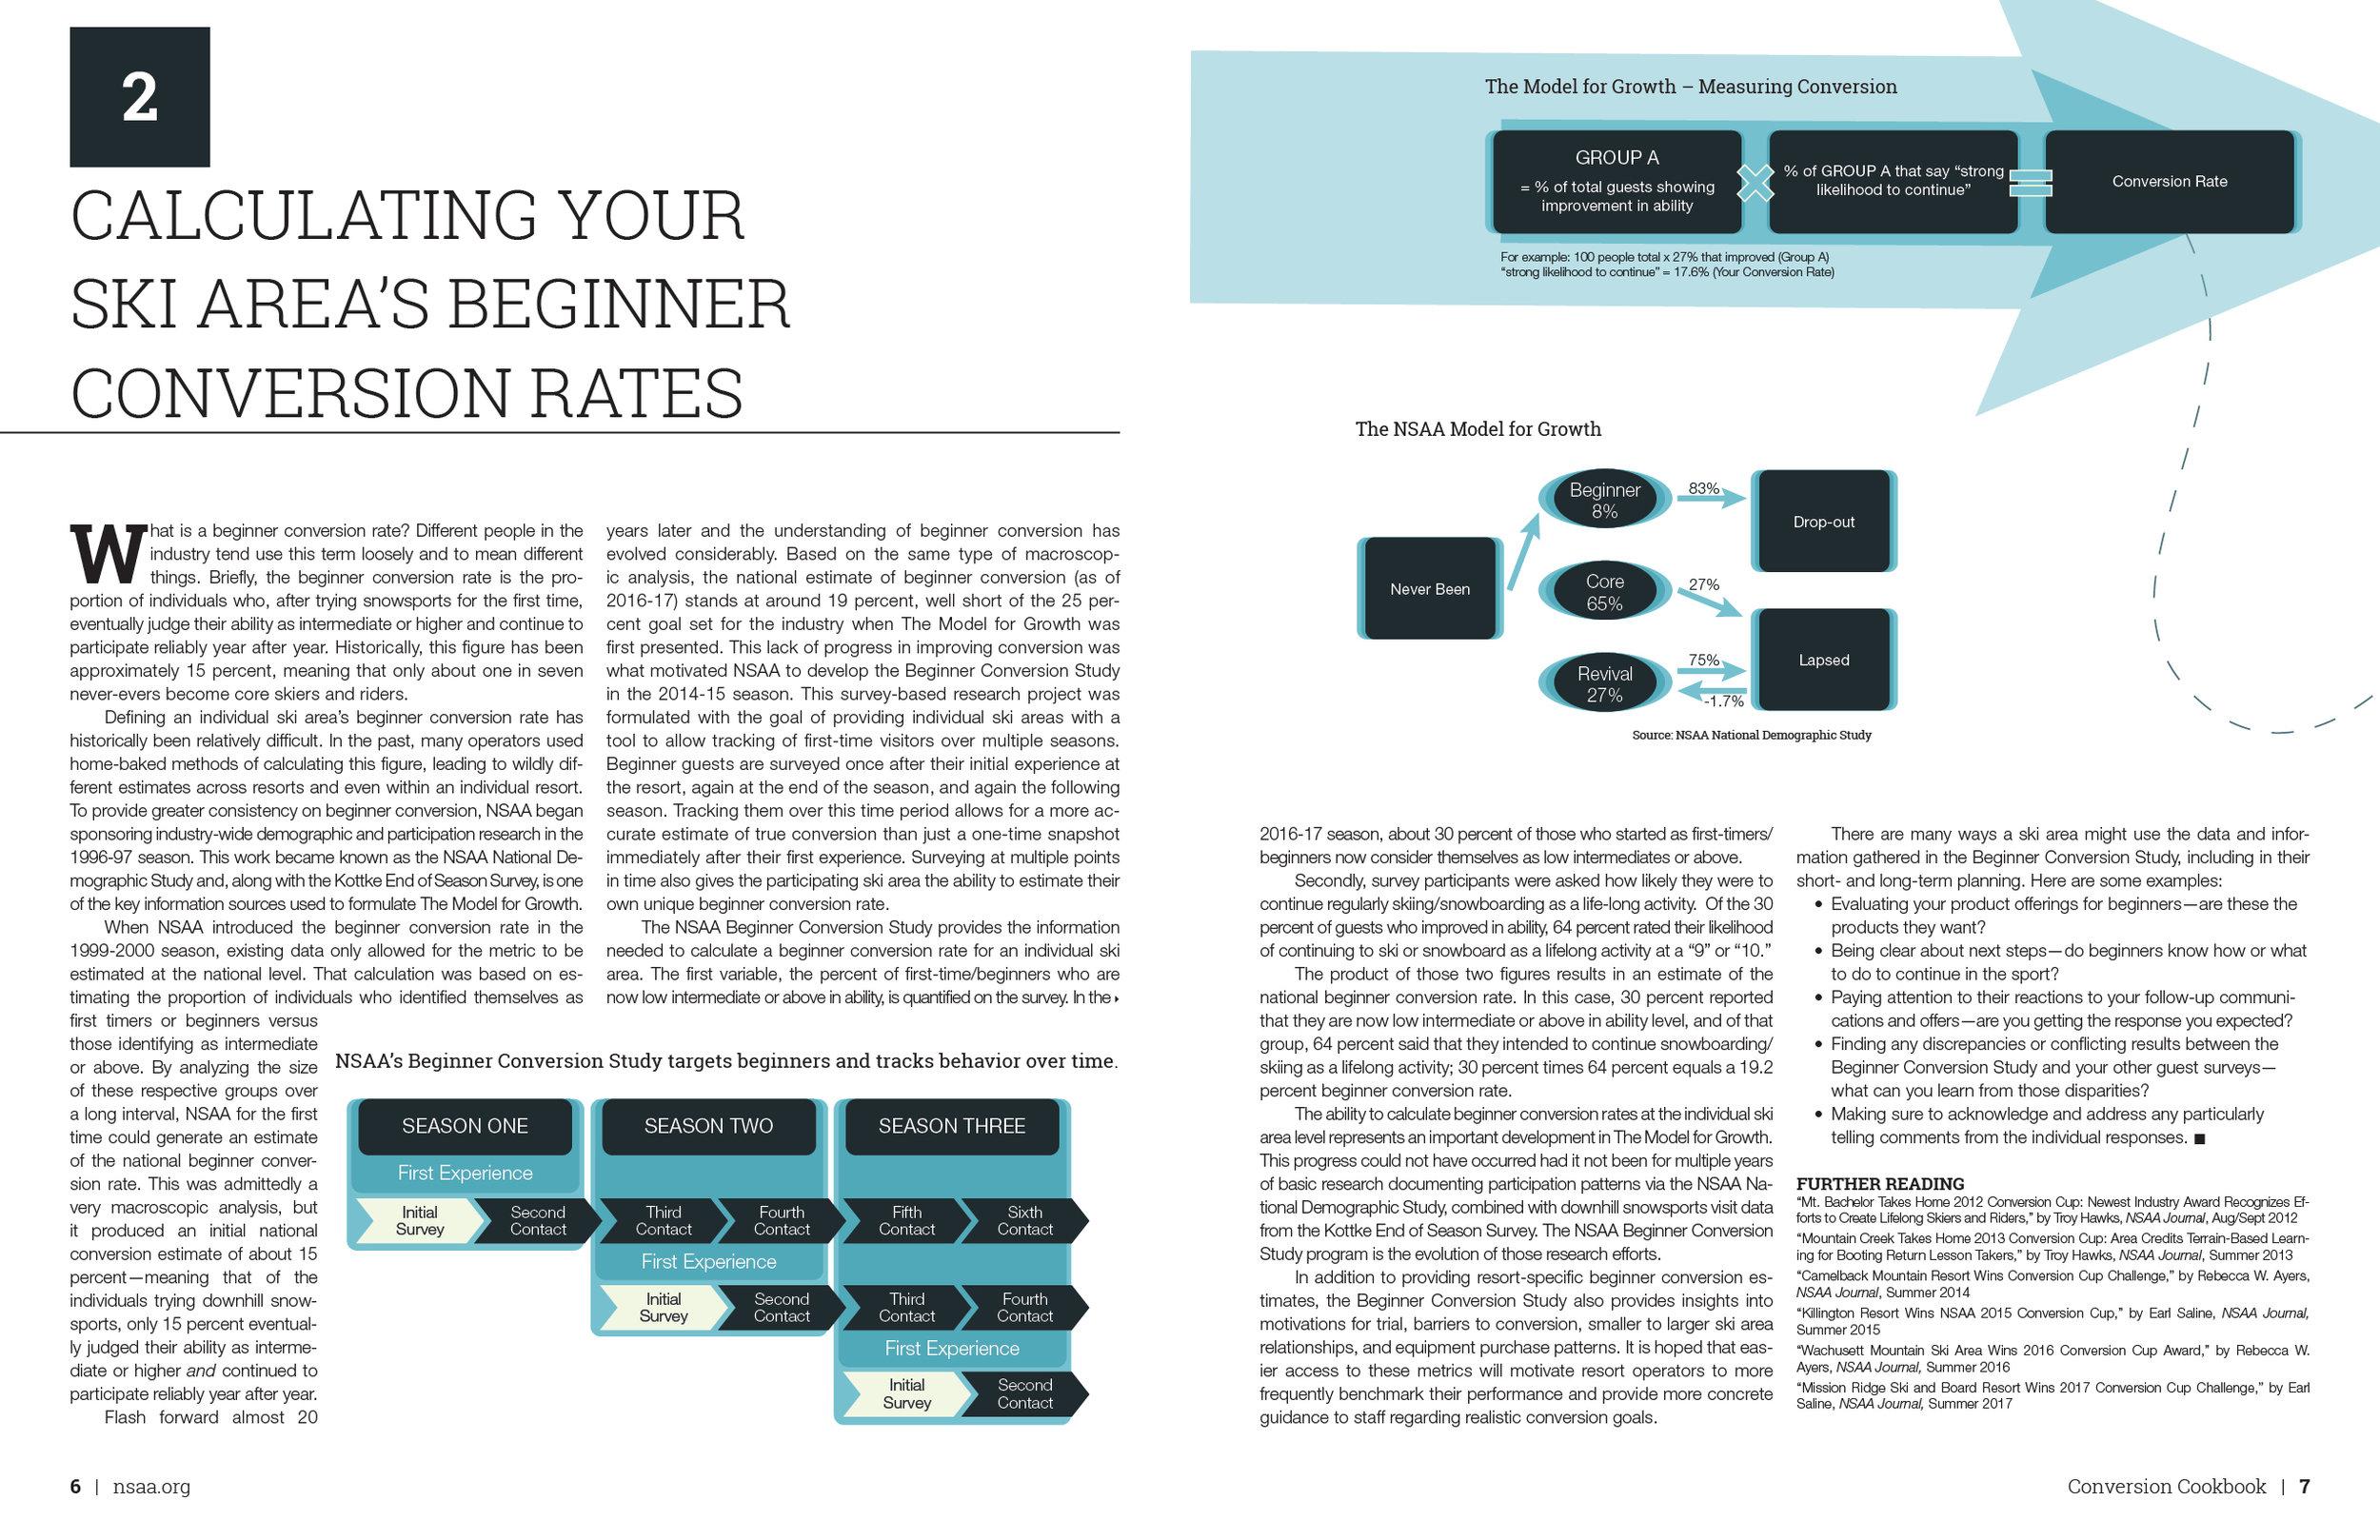 NSAA_Conversion-Cookbook1.jpg